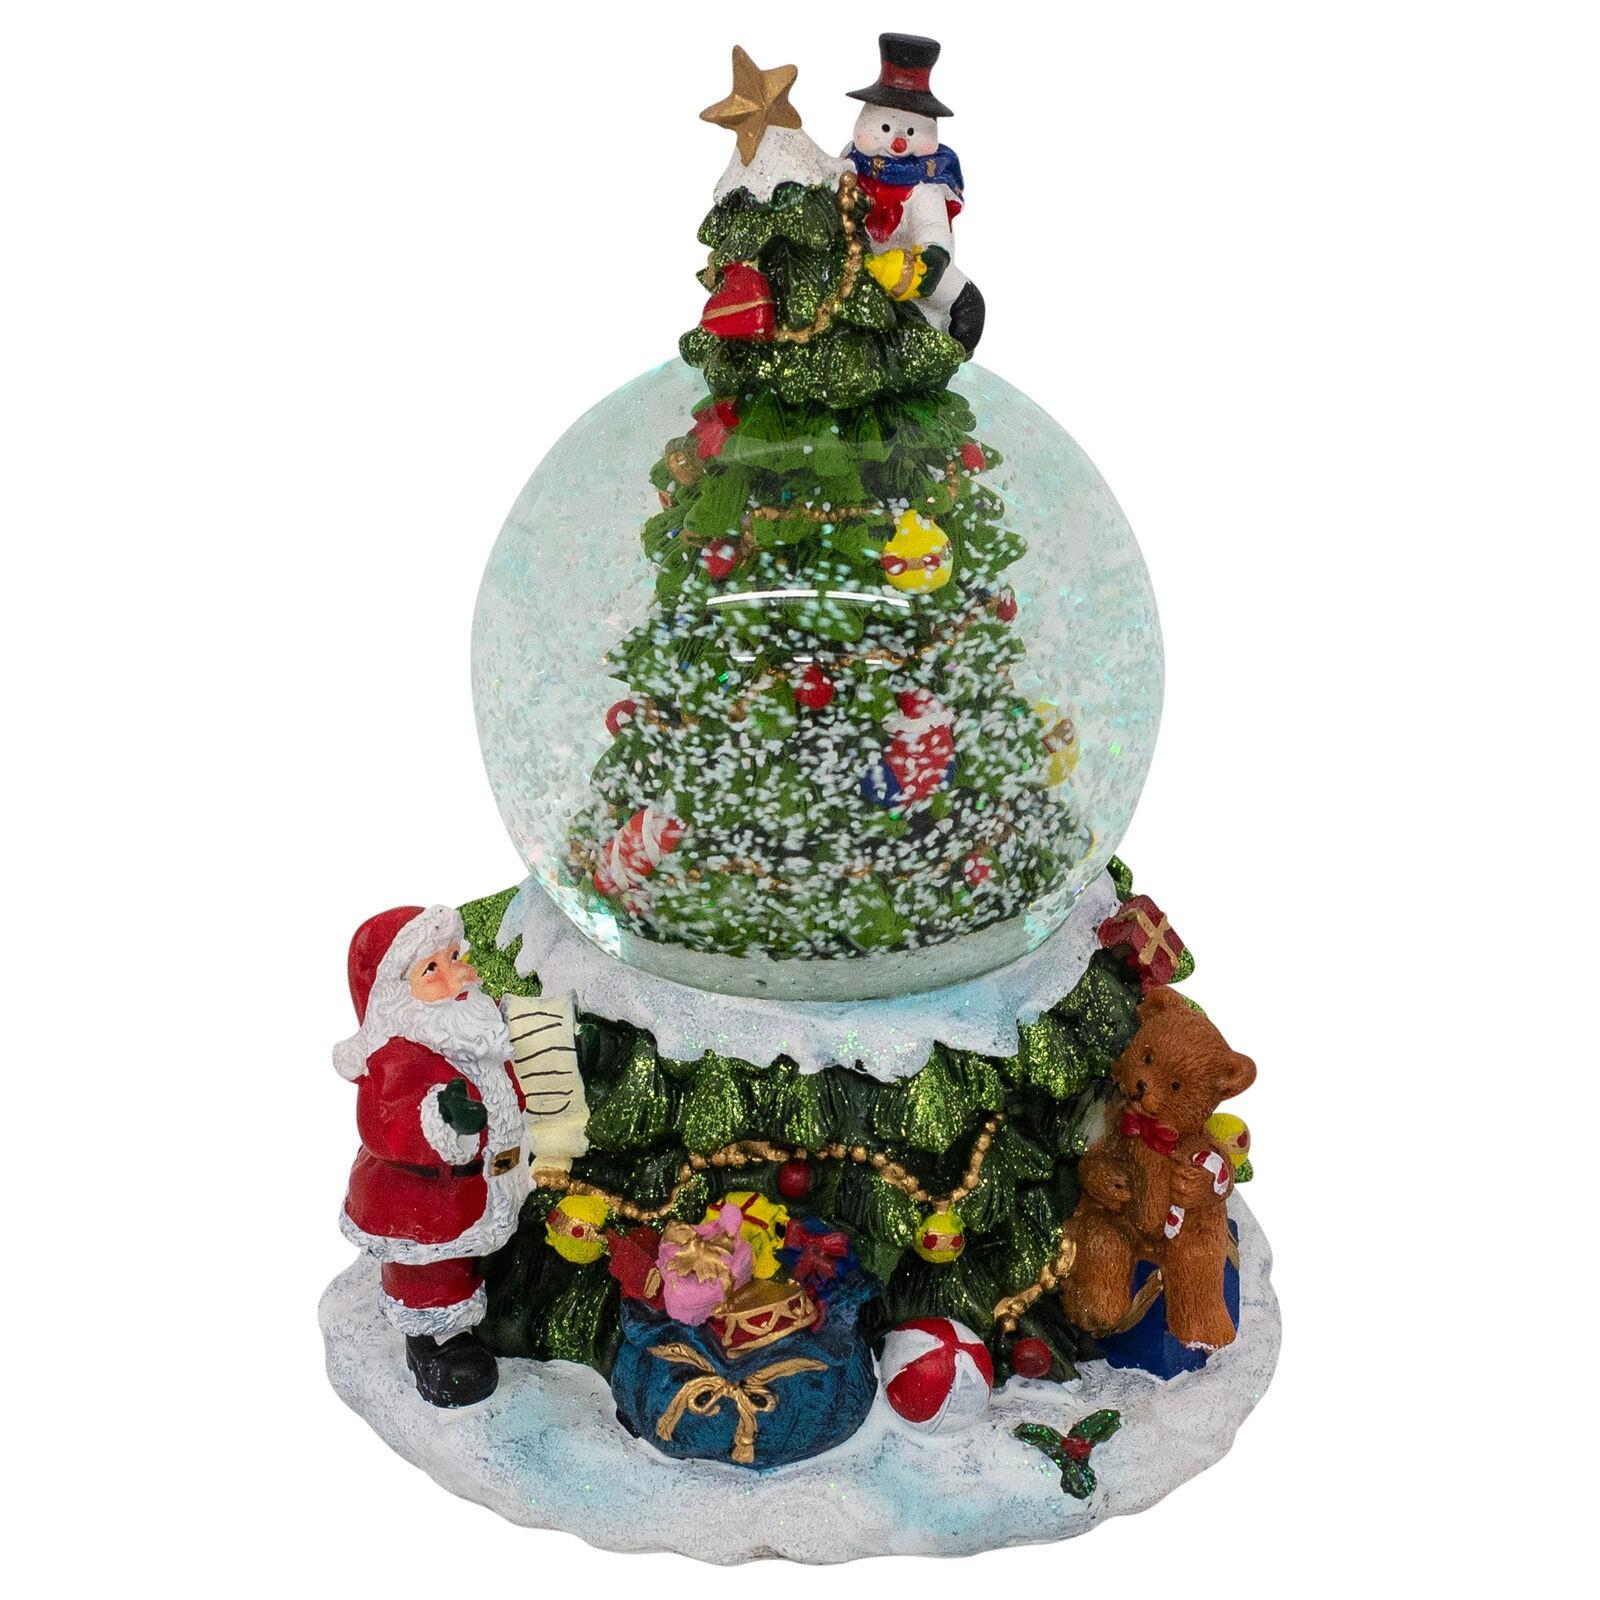 Babbo Natale Musicale.Palla Di Neve Musicale 17x12cm Albero Di Natale Babbo Natale Doni E Pupazzo C Scatola Top Quality Il Mondo Dei Carillon Parole E Pensieri